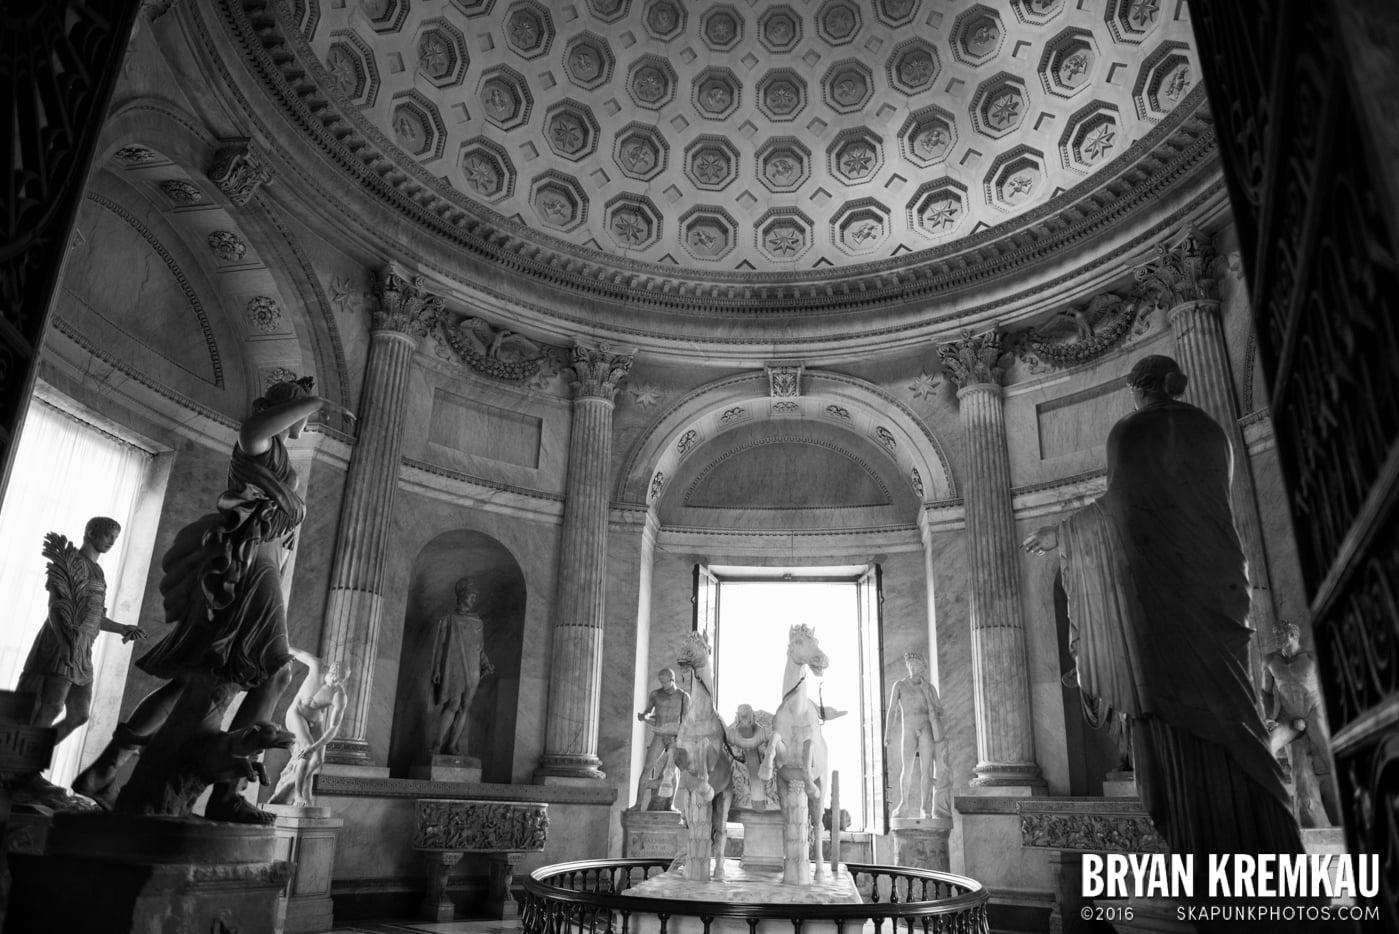 Italy Vacation - Day 3: Rome - 9.11.13 (48)